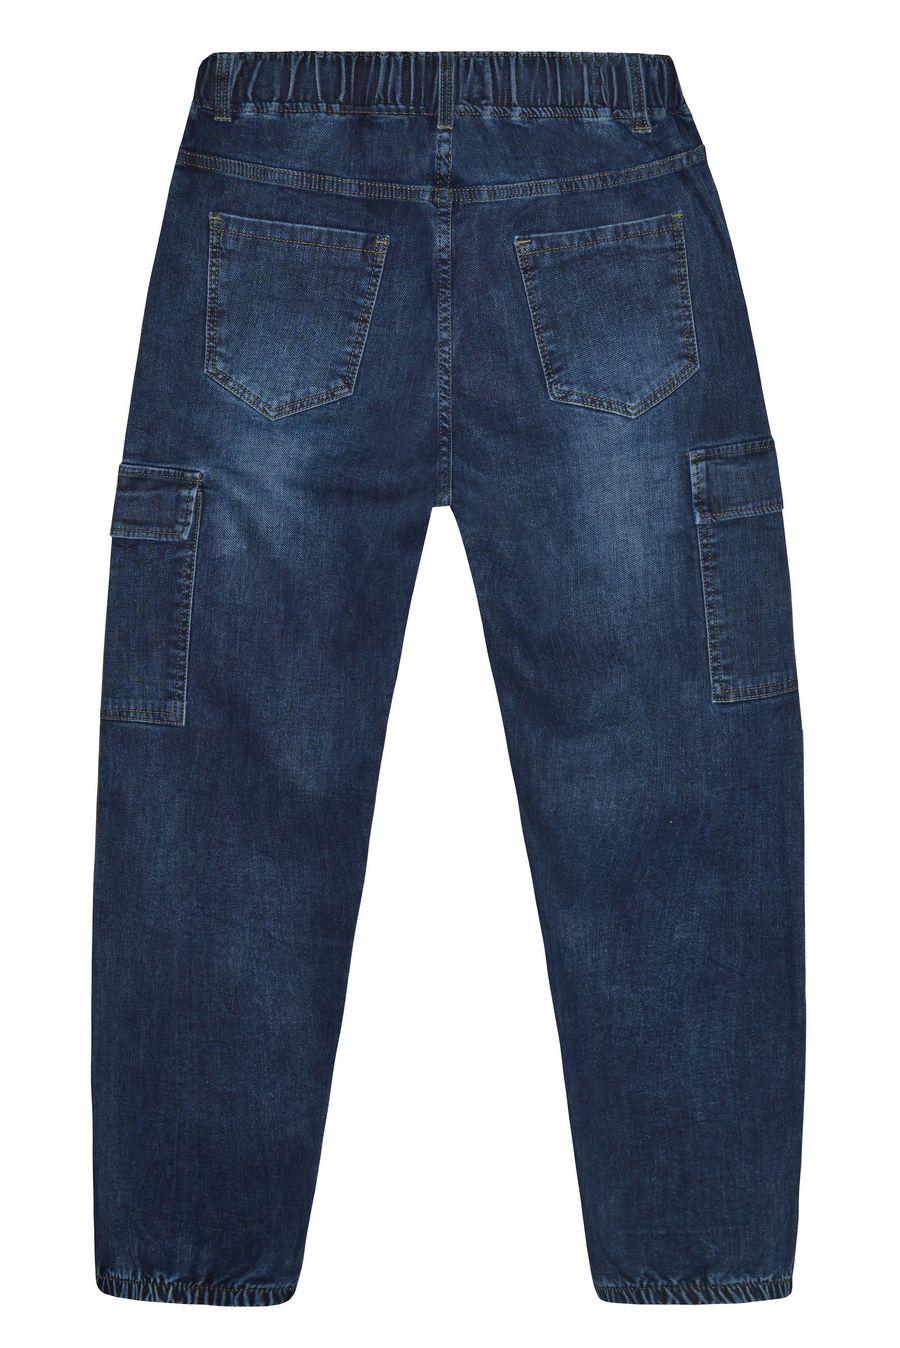 Джинсы женские K.Y Jeans 092 - фото 2